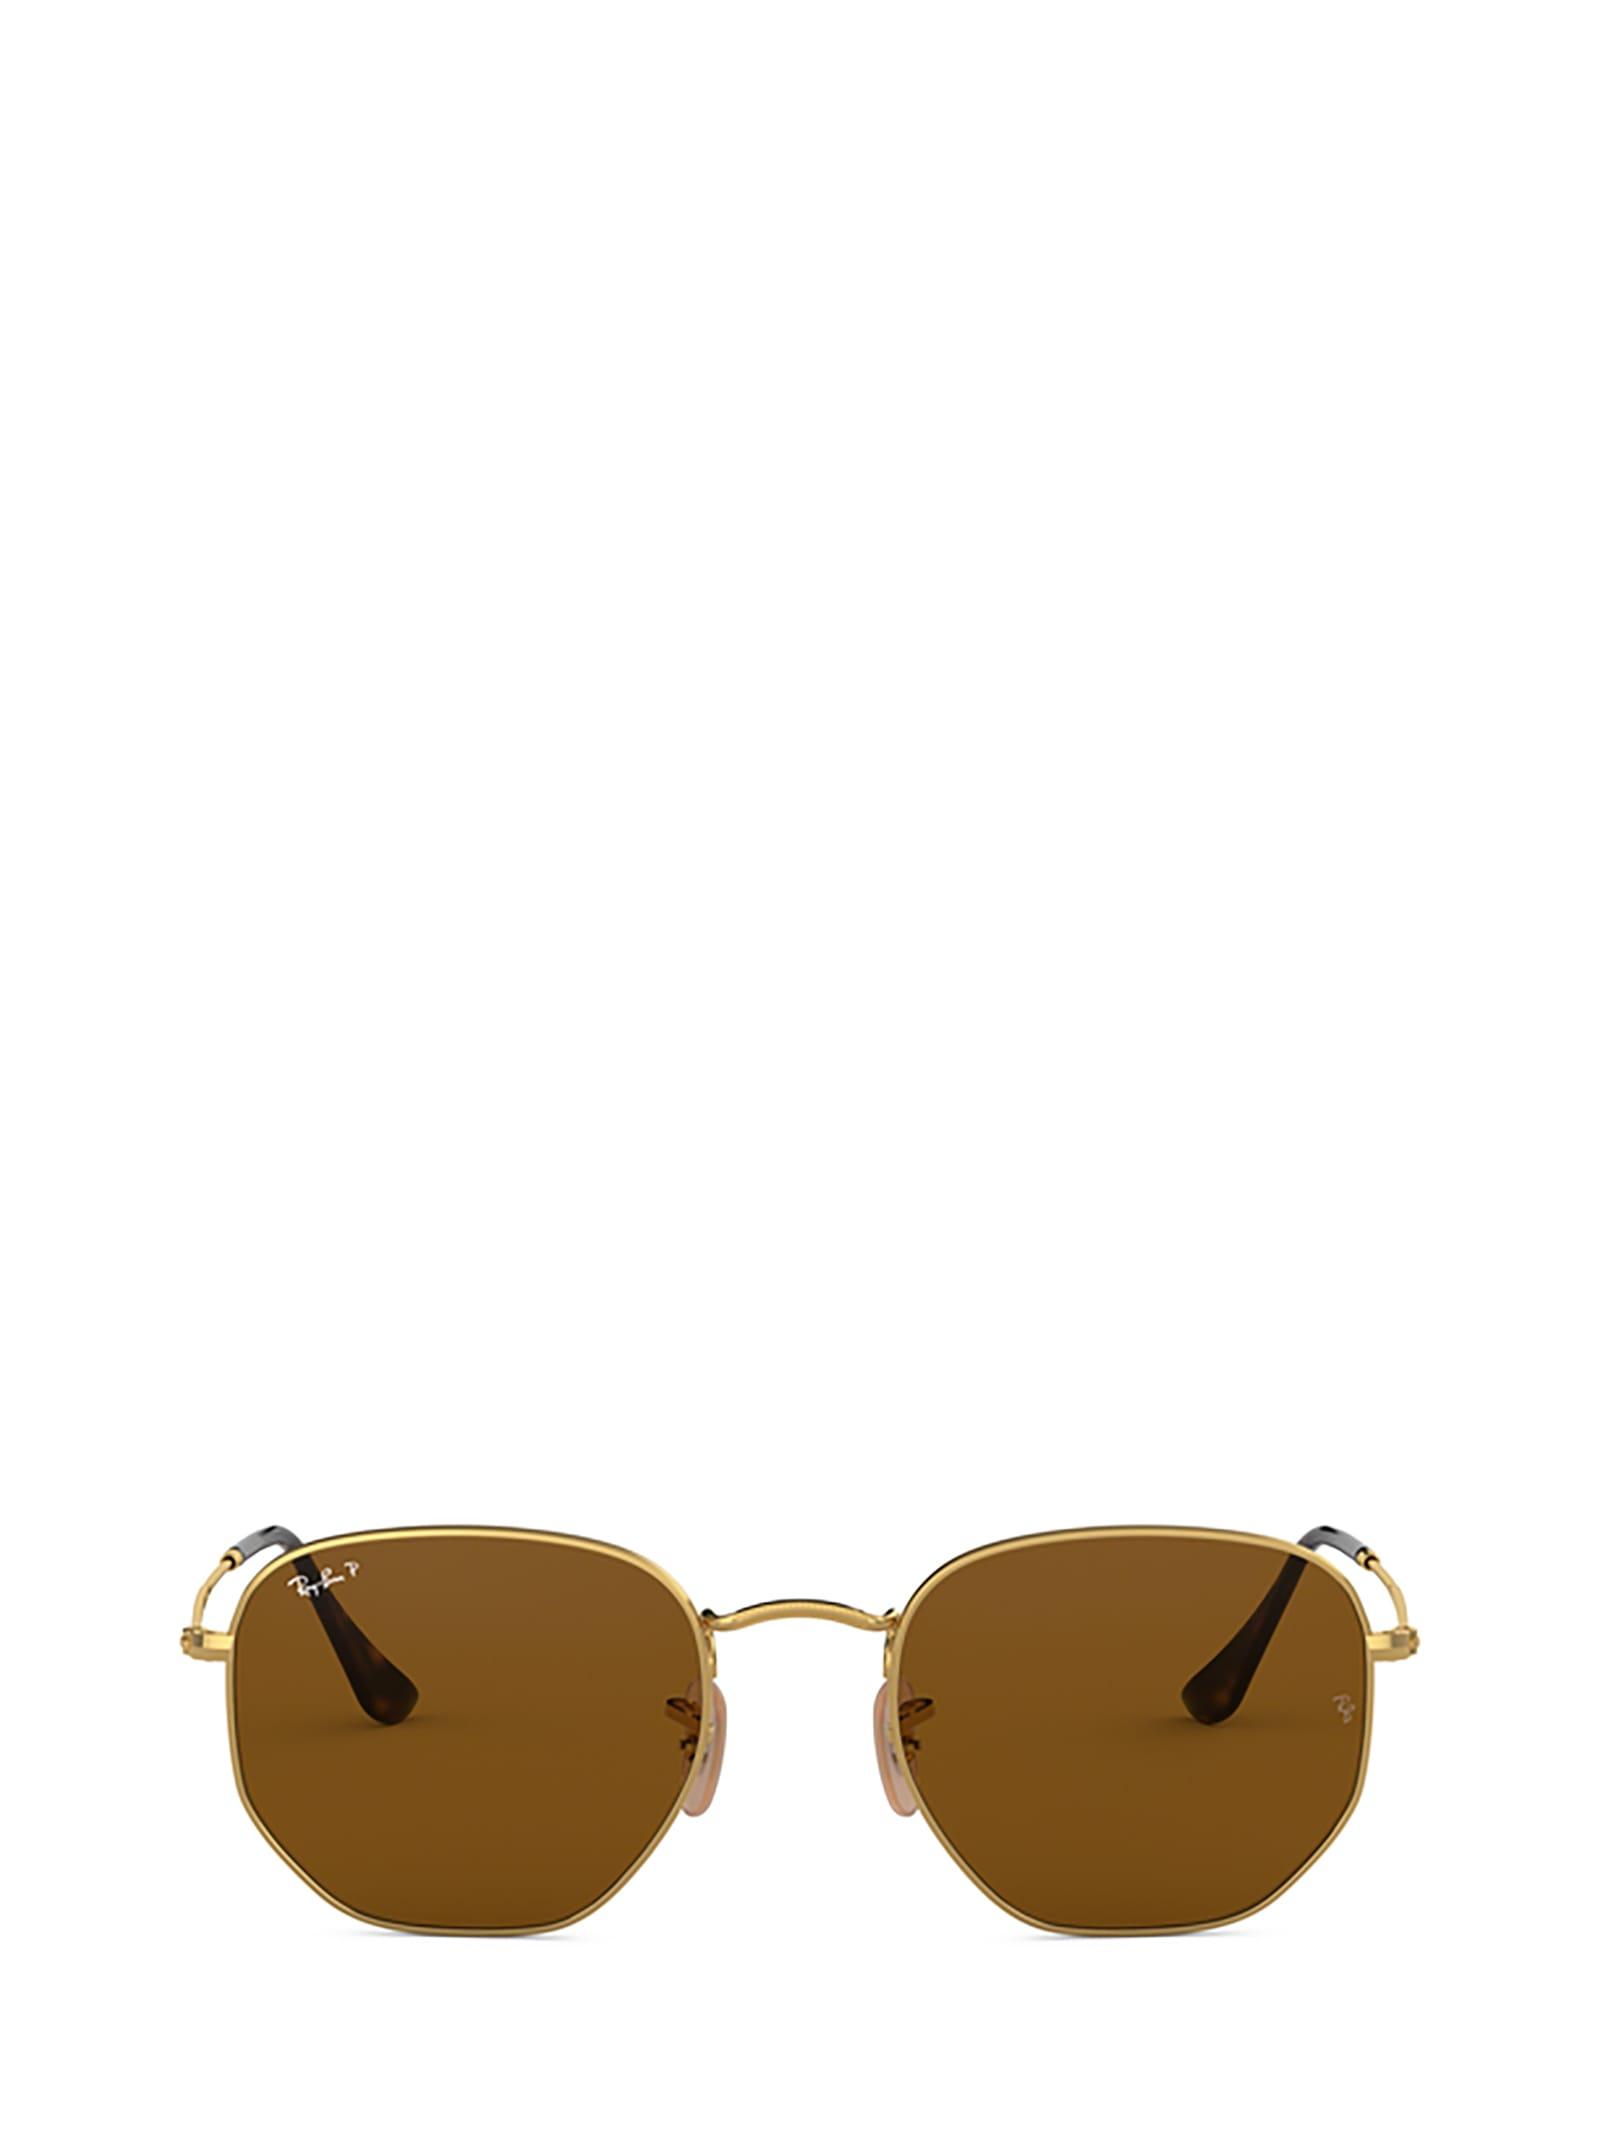 Ray-Ban Ray-ban Rb3548n 001/57 Sunglasses